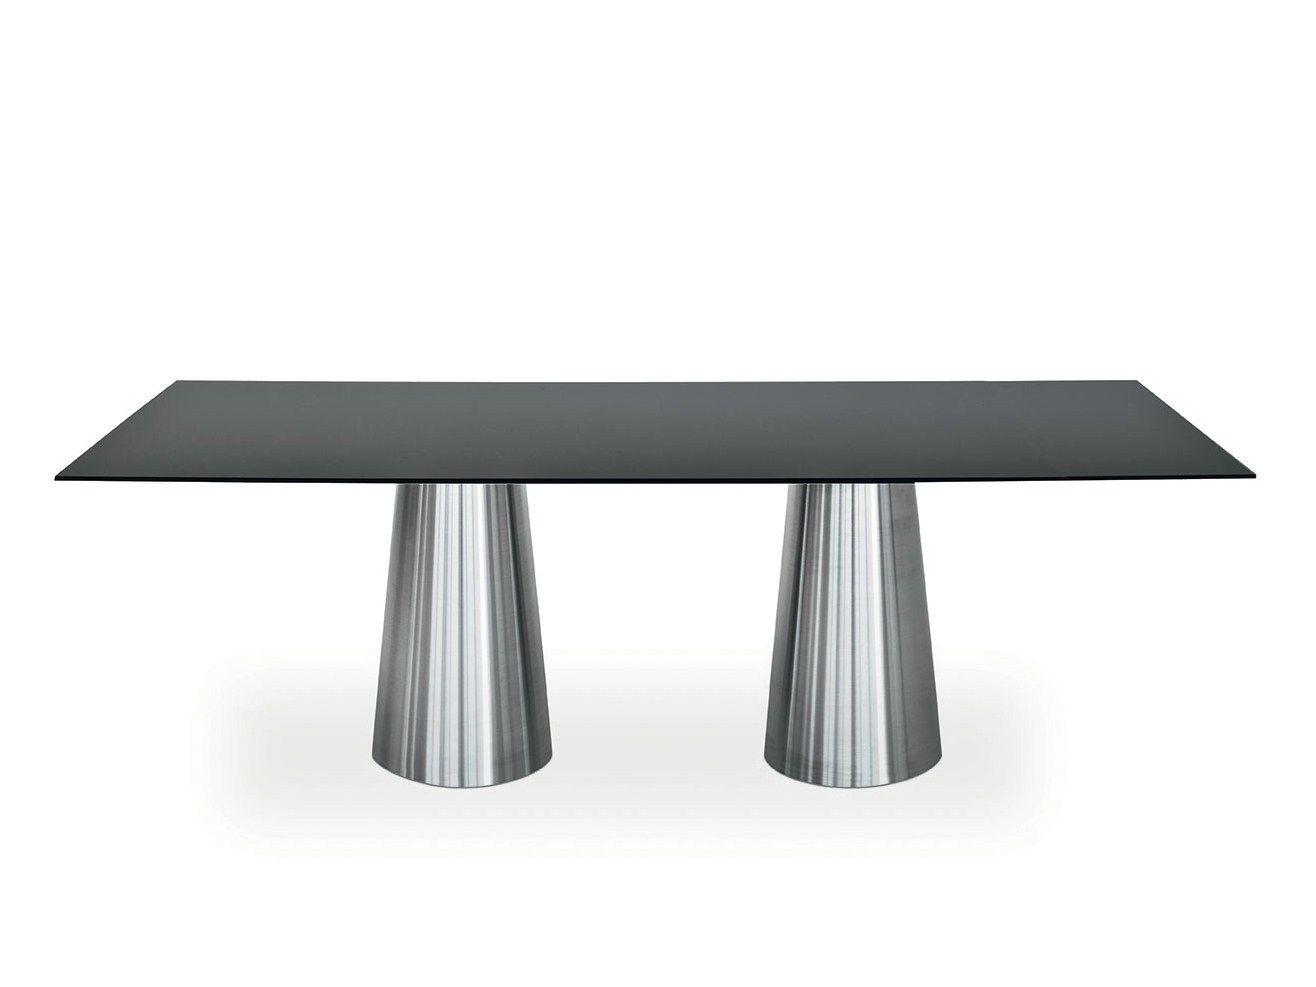 Tavolo rettangolare in acciaio inox e cristallo totem two bases by sovet italia - Tavolo cristallo ...